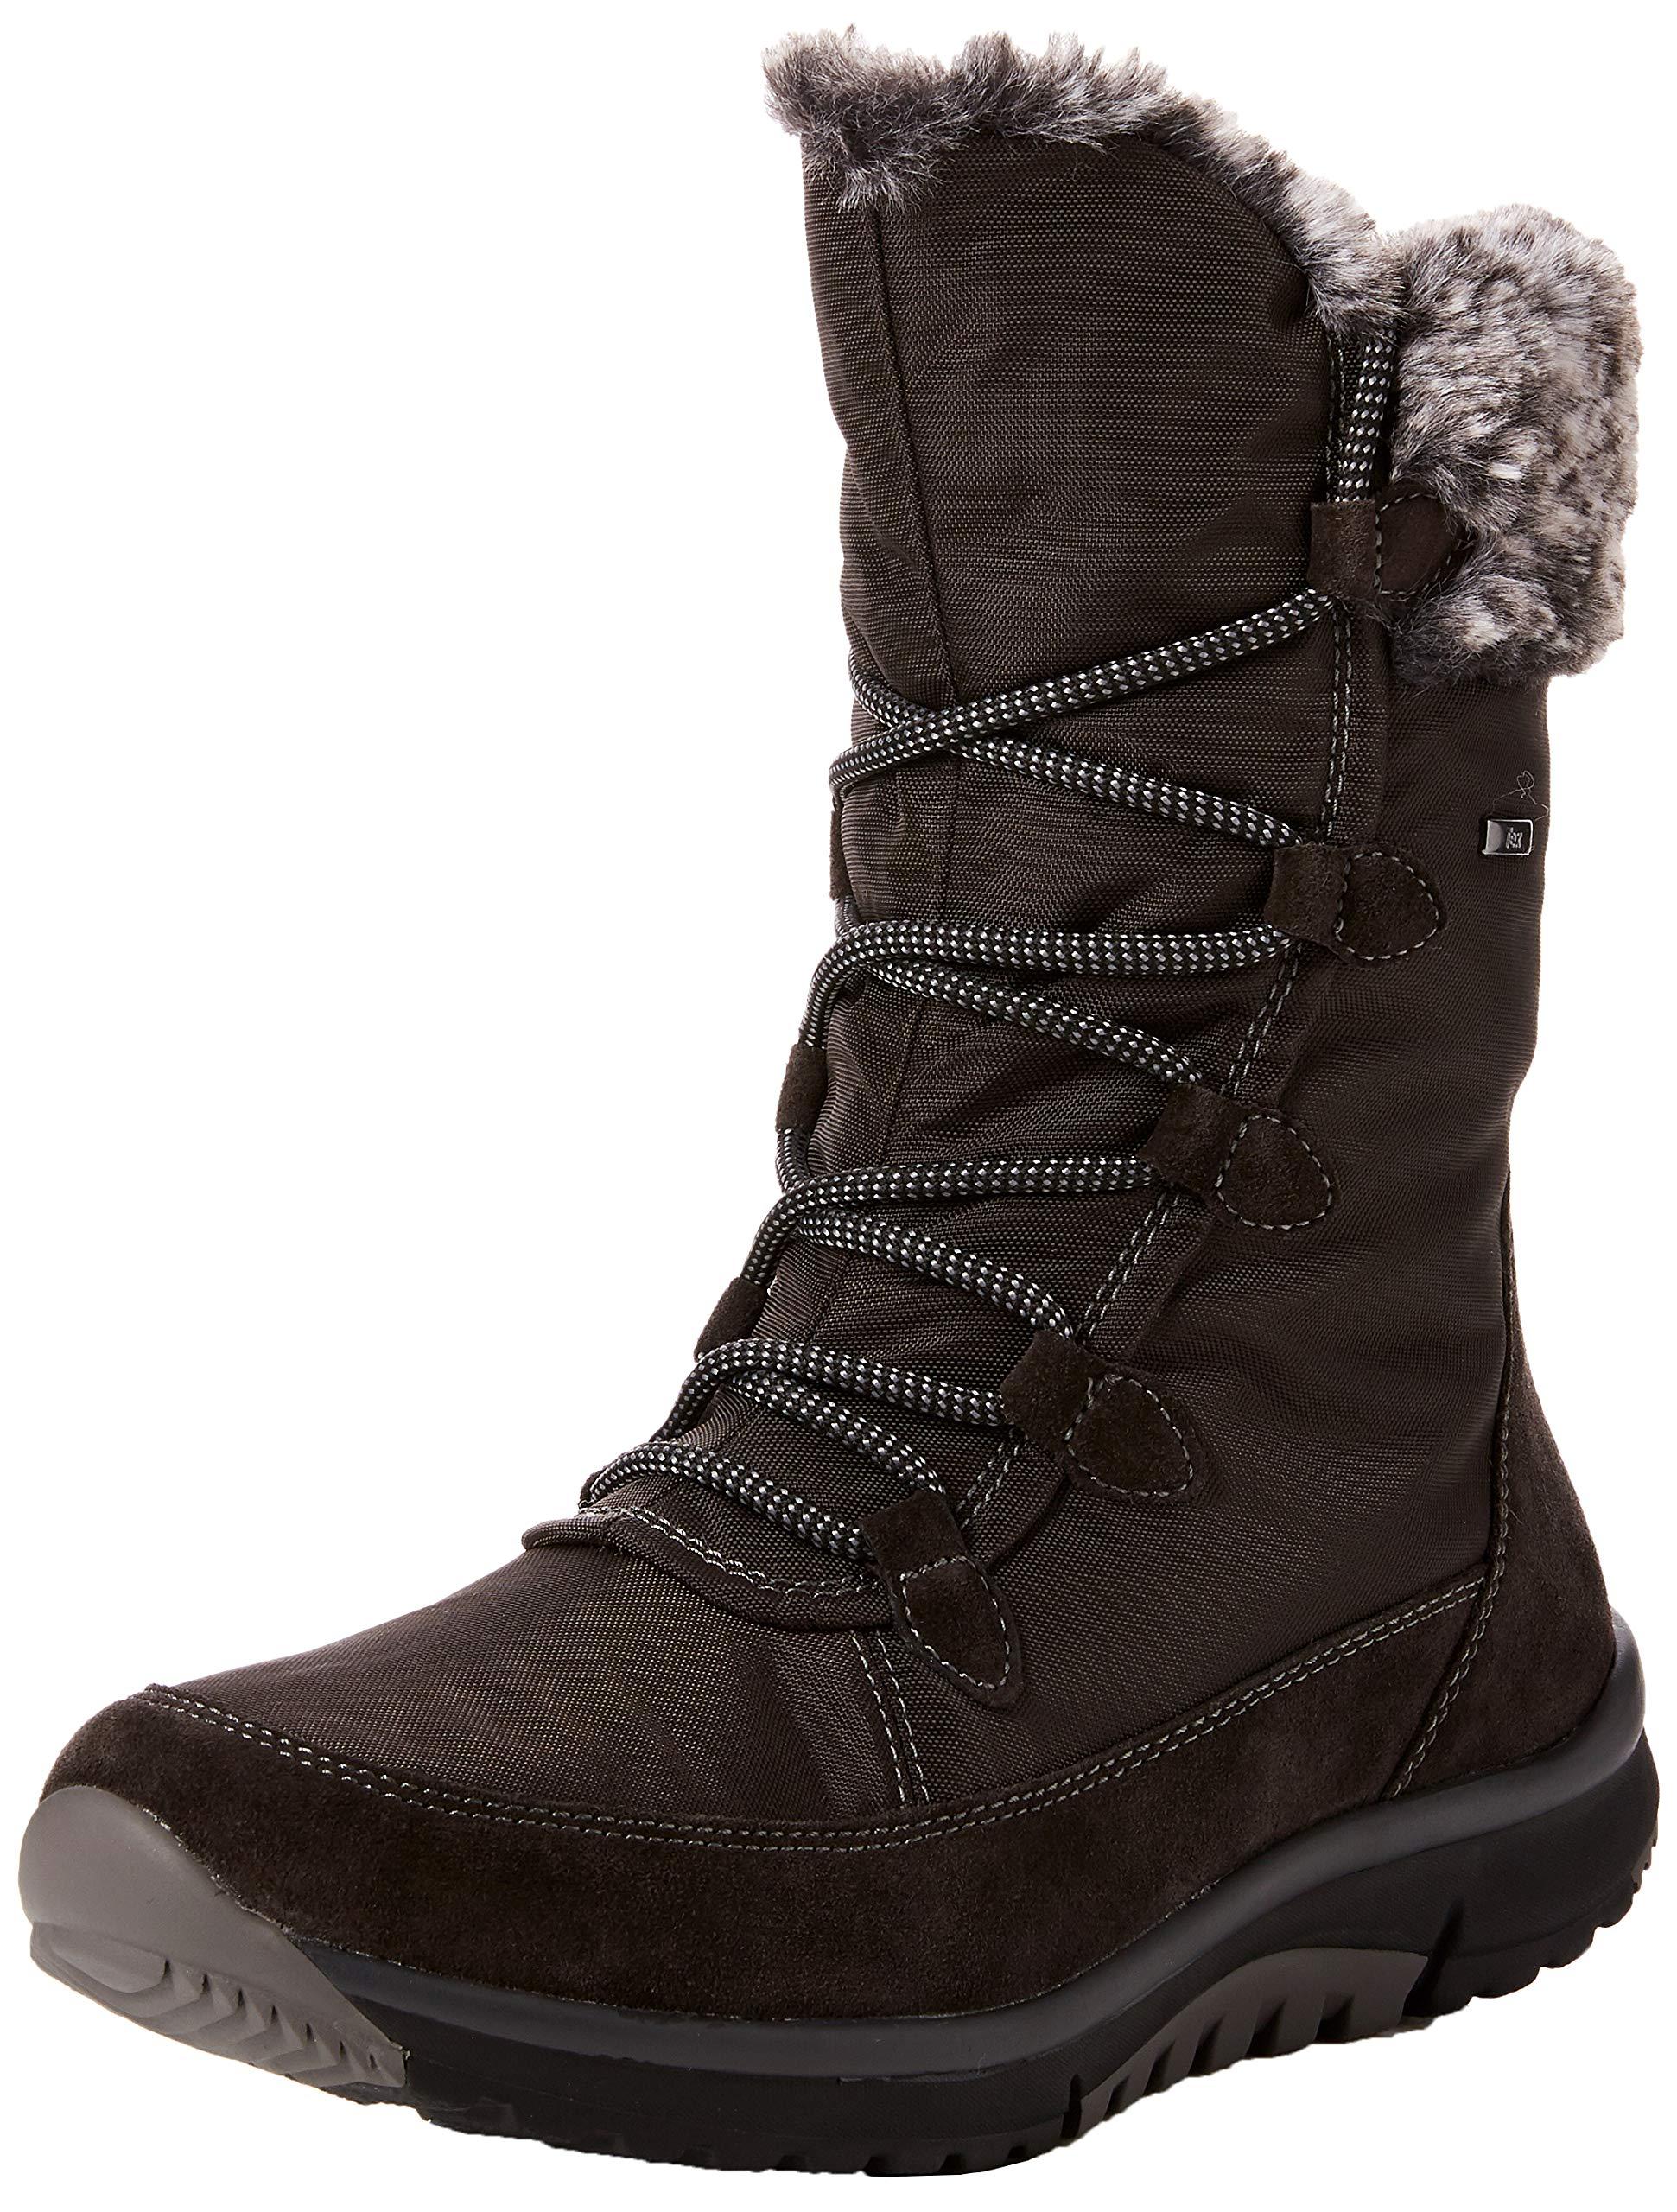 Hautes greymel3936 FemmeGrisdark Shoes Eu Gabor RollingsoftBottes iTOXPkZu